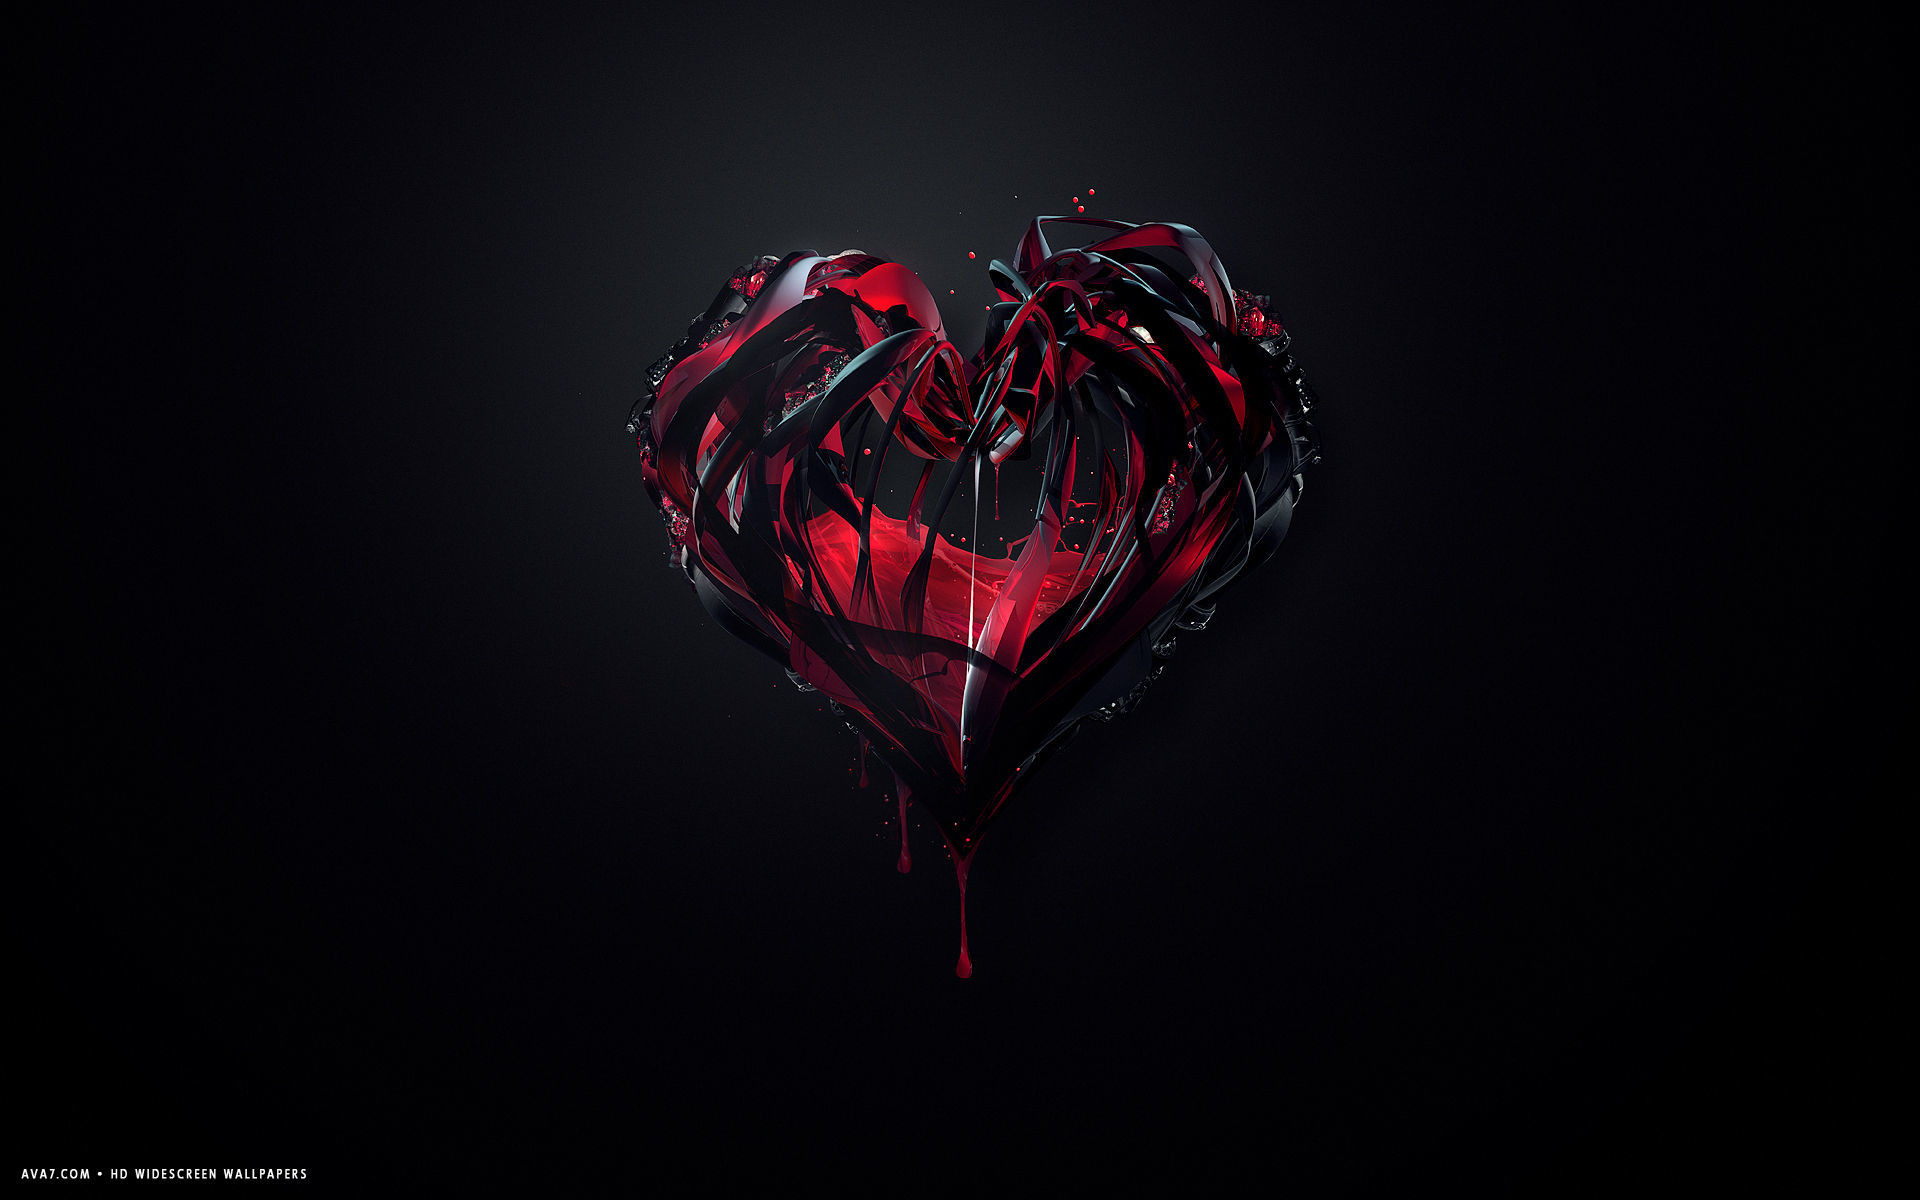 broken heart background 53 images